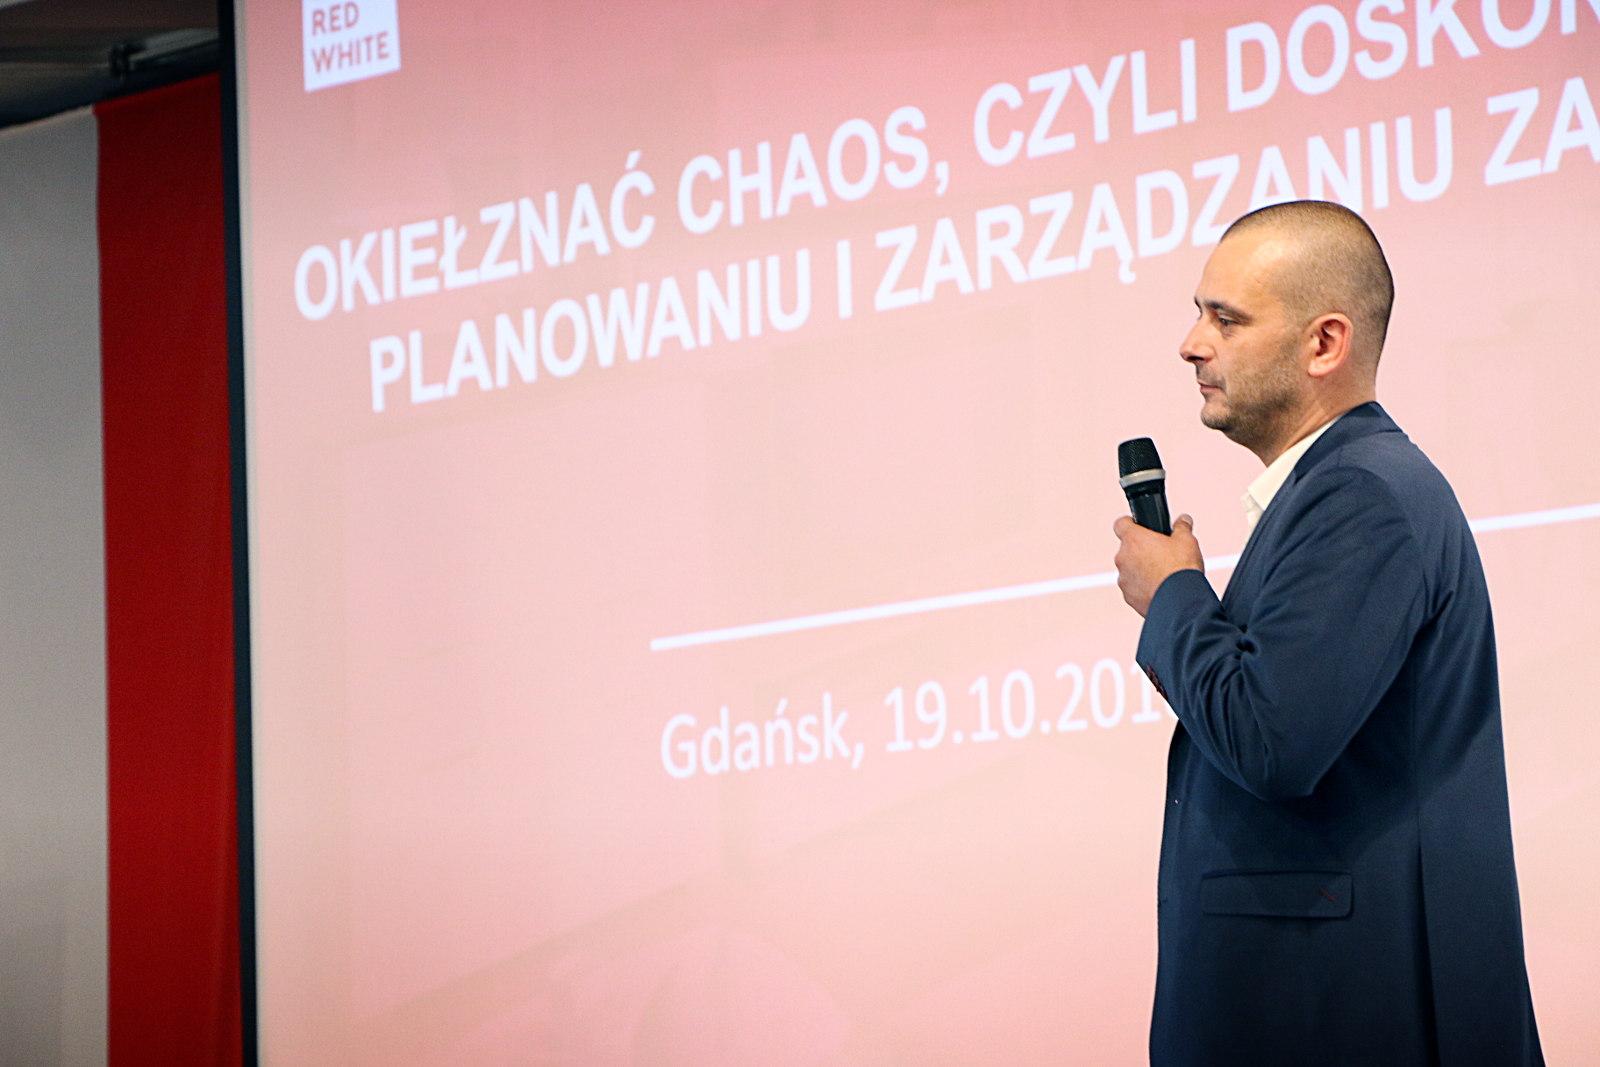 relacja-lean-w-polskich-realiach